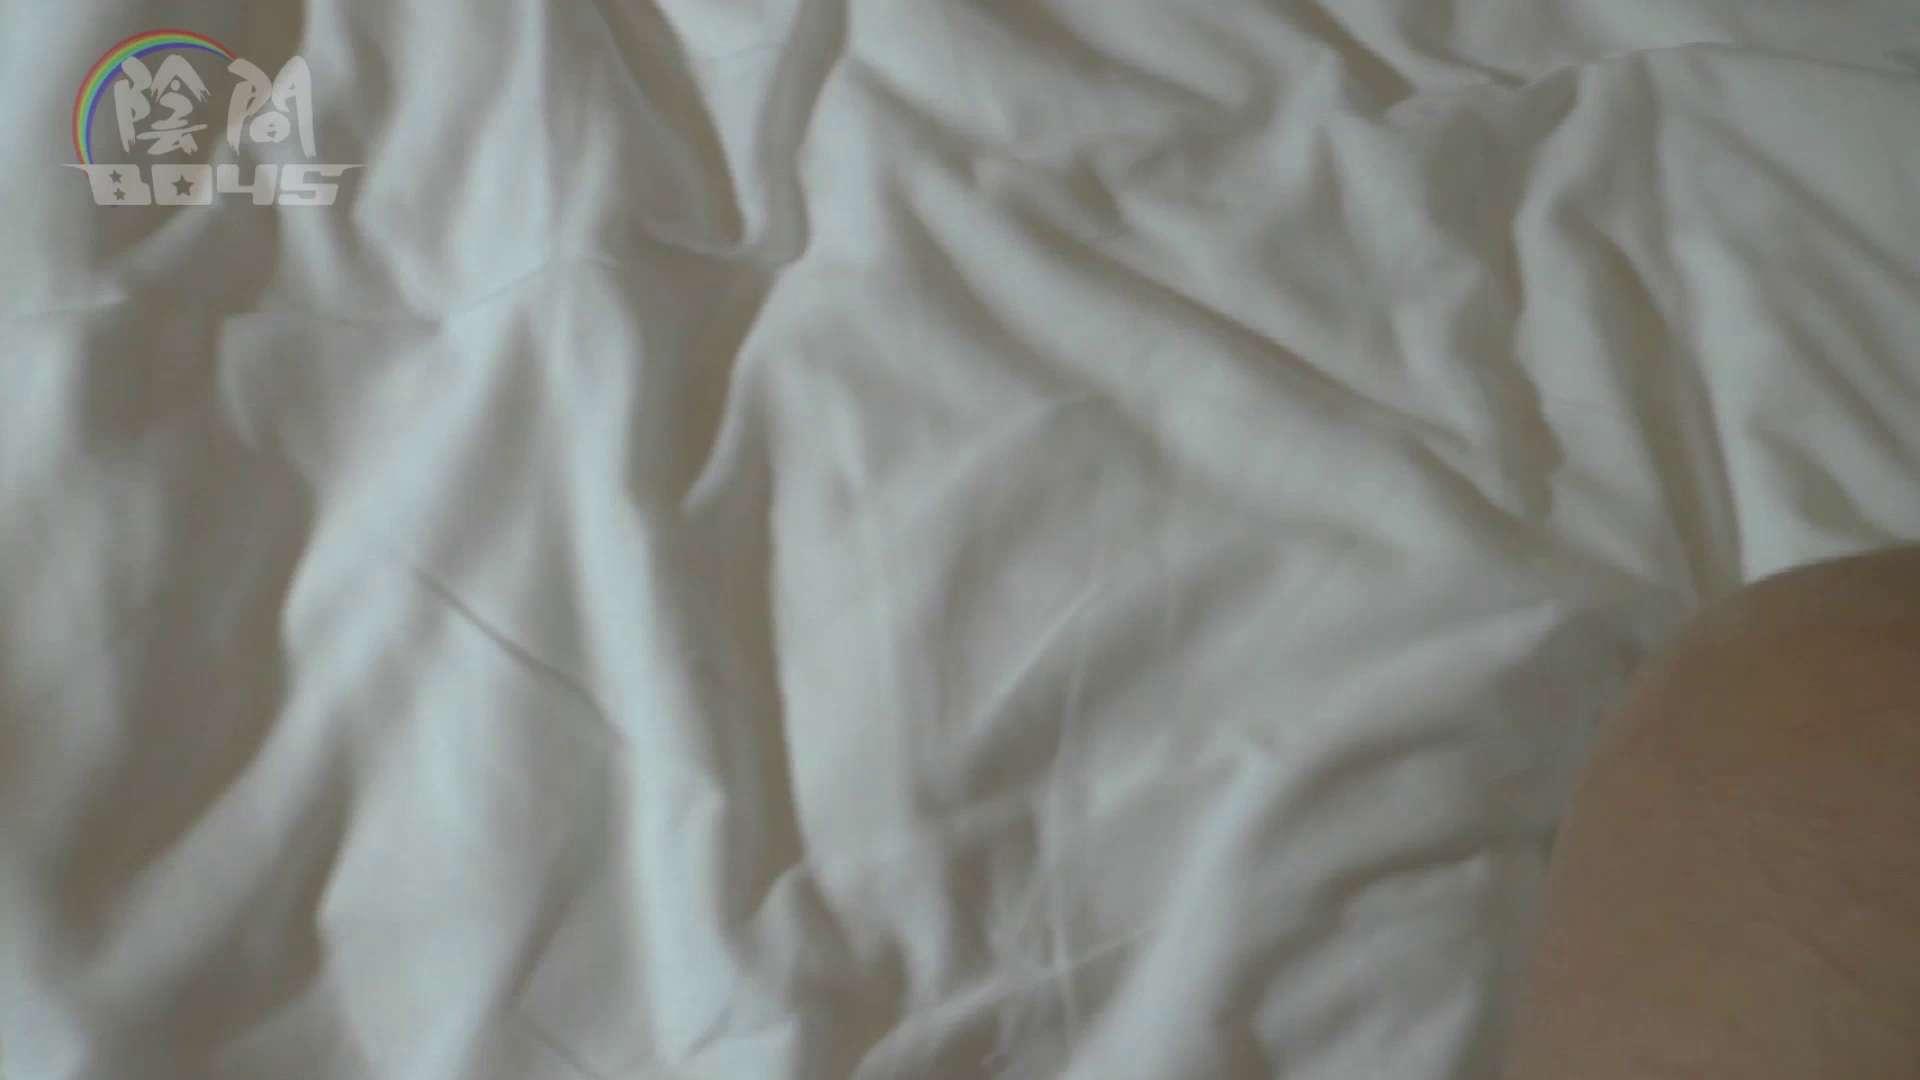 陰間BOYS~「アナルだけは許して…2」~06 男のセックス ゲイヌード画像 104pic 94